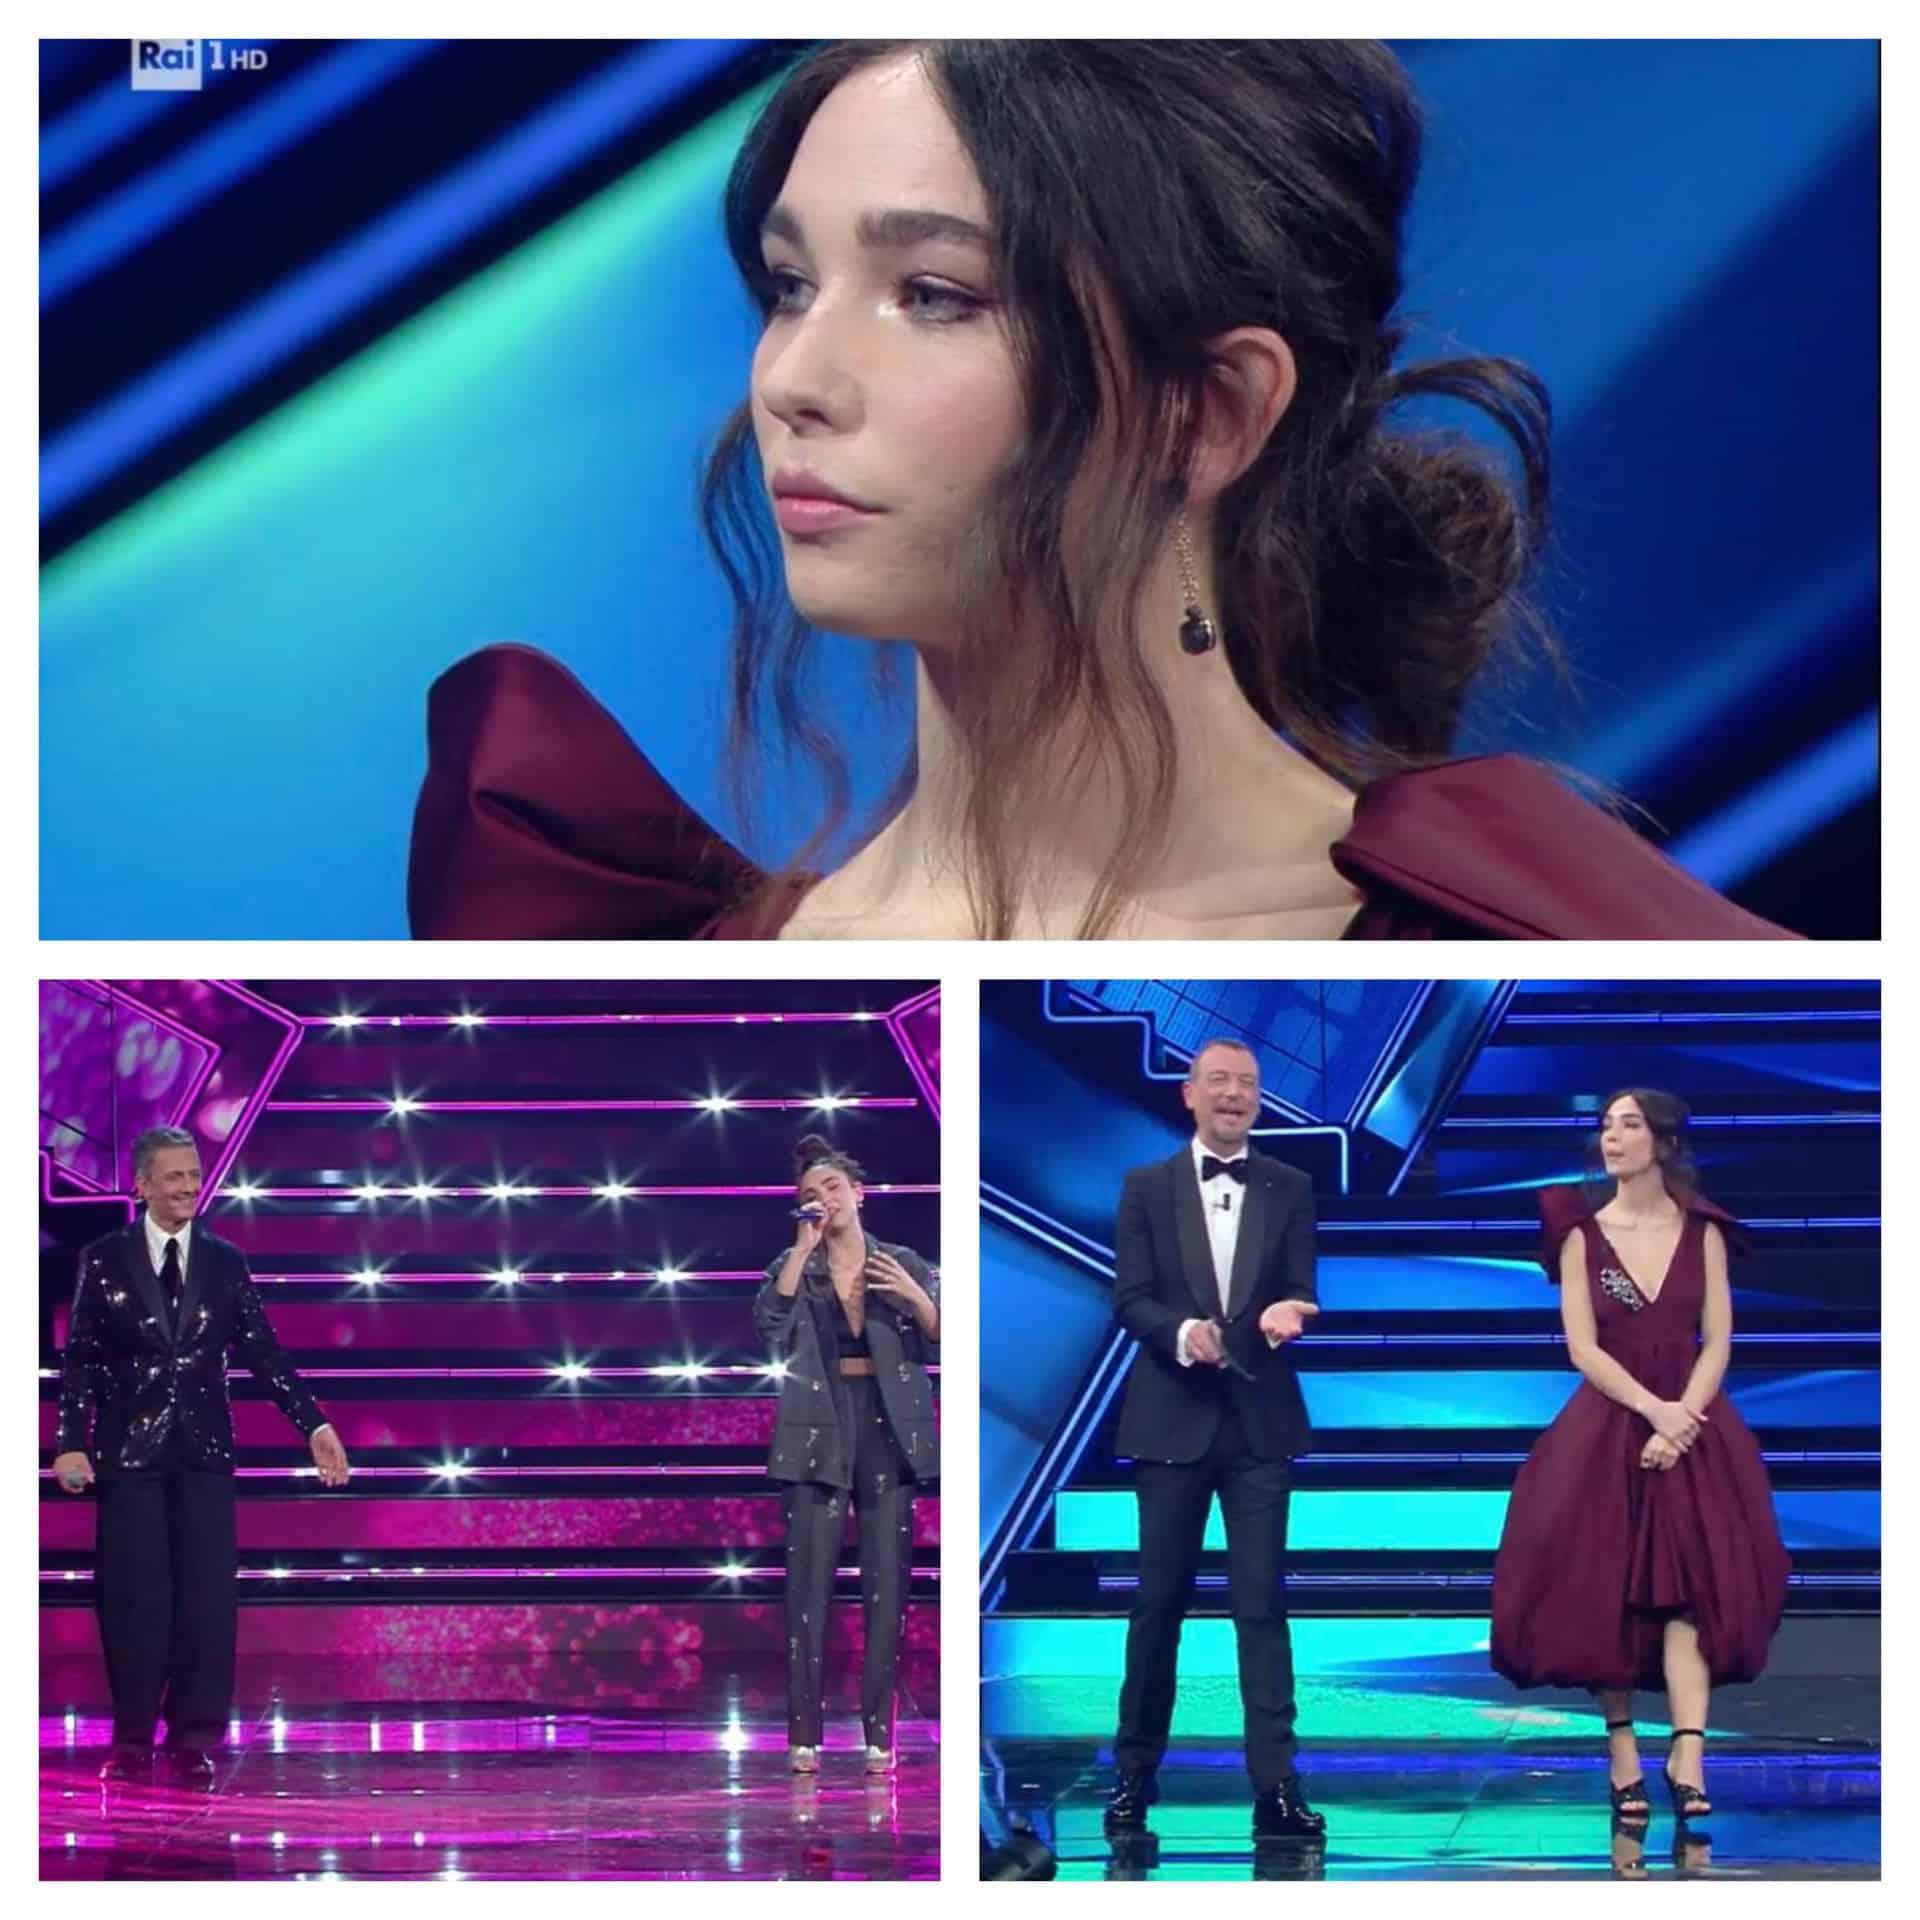 Matilda de Angelis brilla a Sanremo 2021 ma non basta ad accendere il Festival